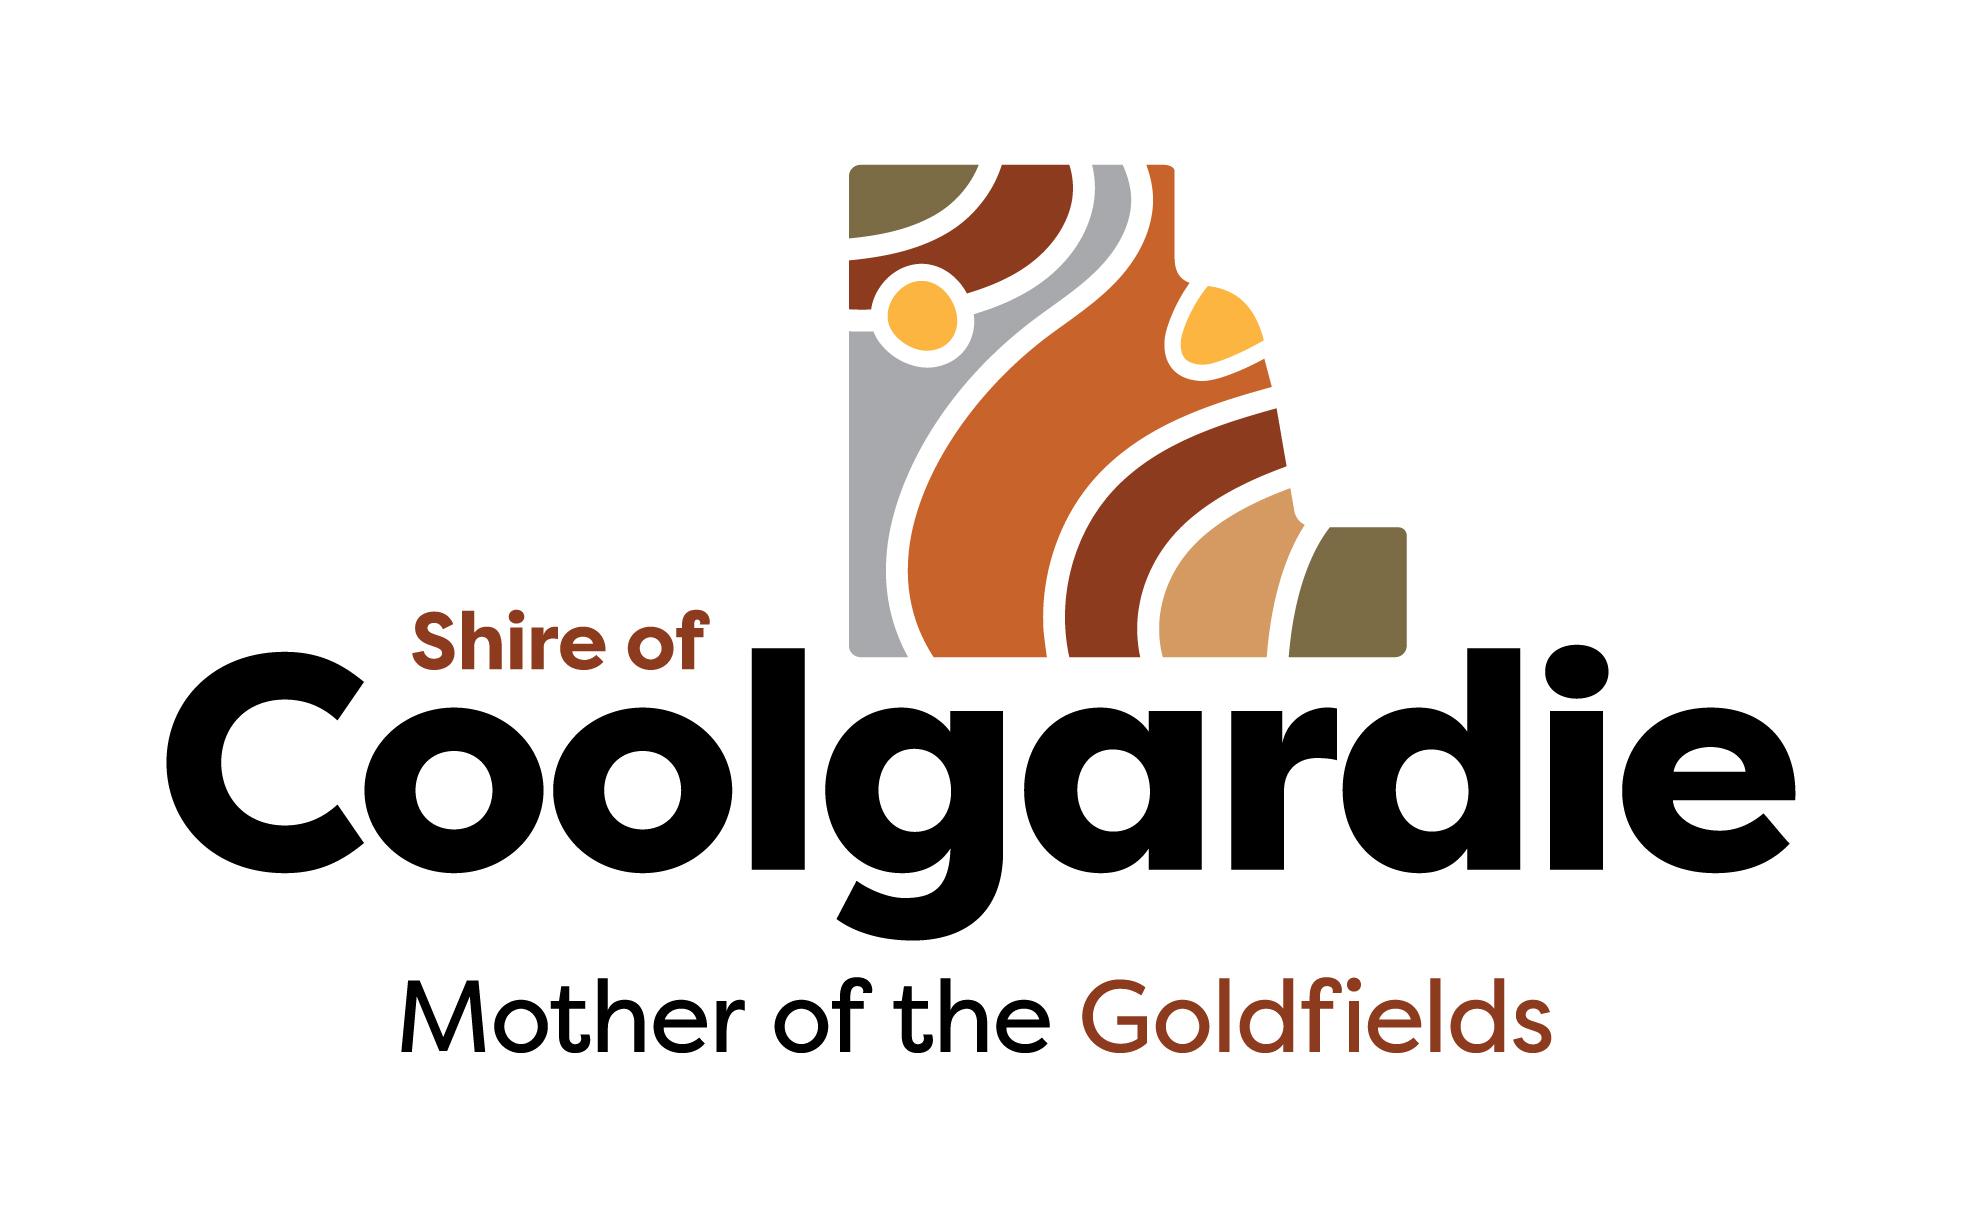 Shire of Coolgardie